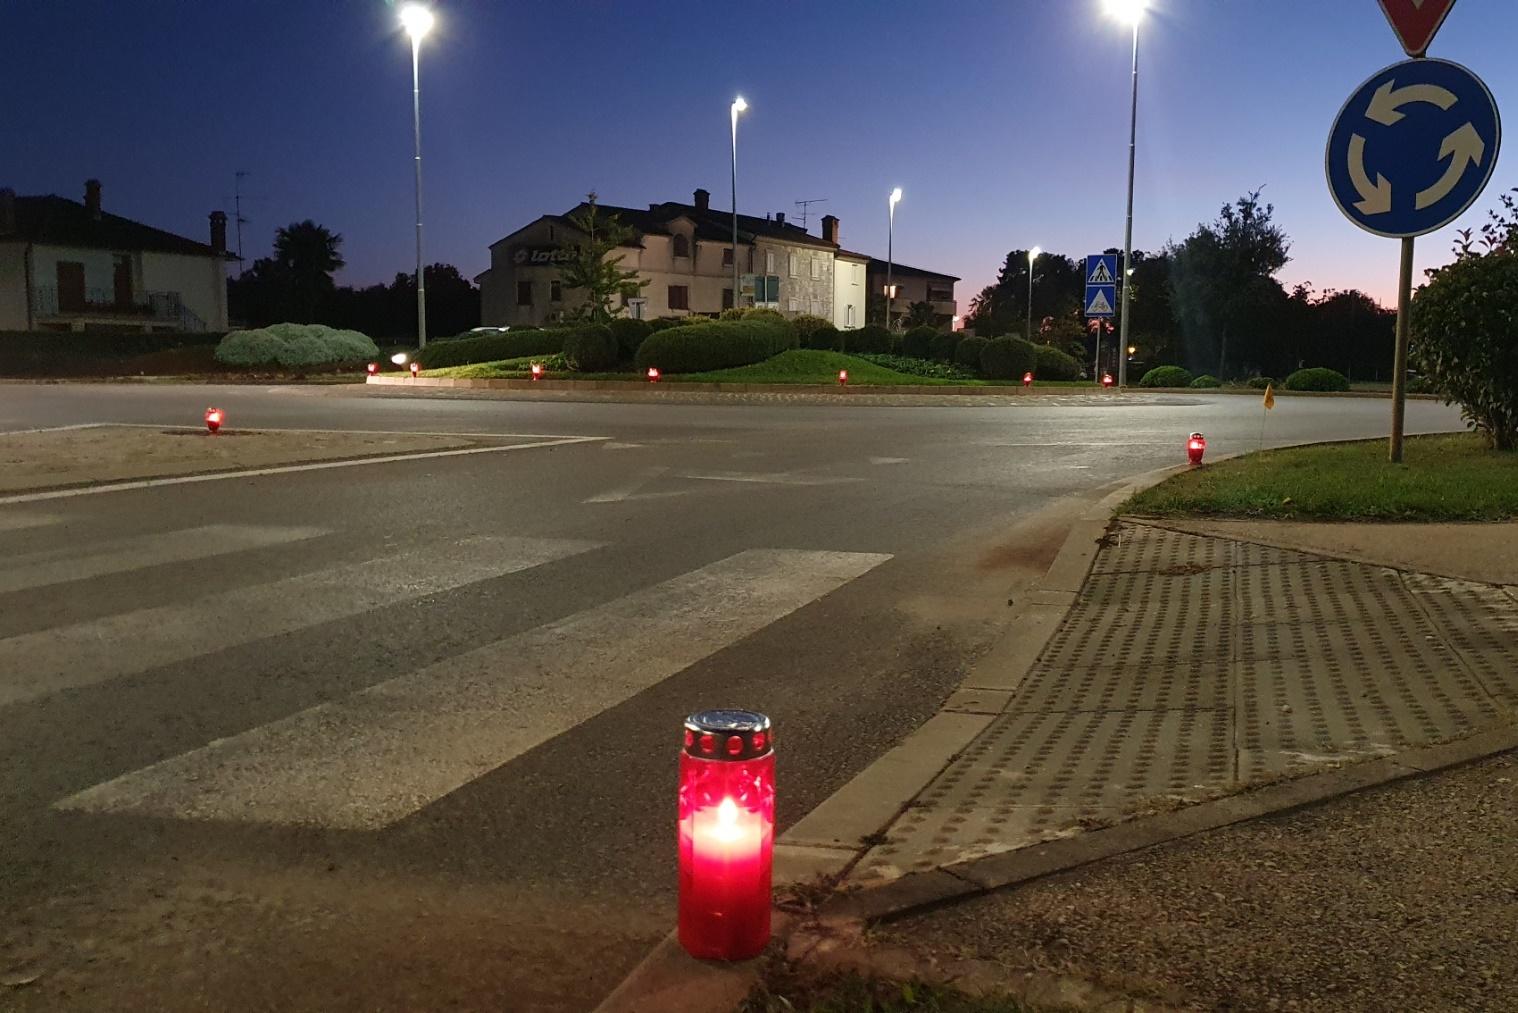 https://novigrad.hr/candele_accese_per_rendere_omaggio_alle_vittime_della_guerra_patria_e_di_vu